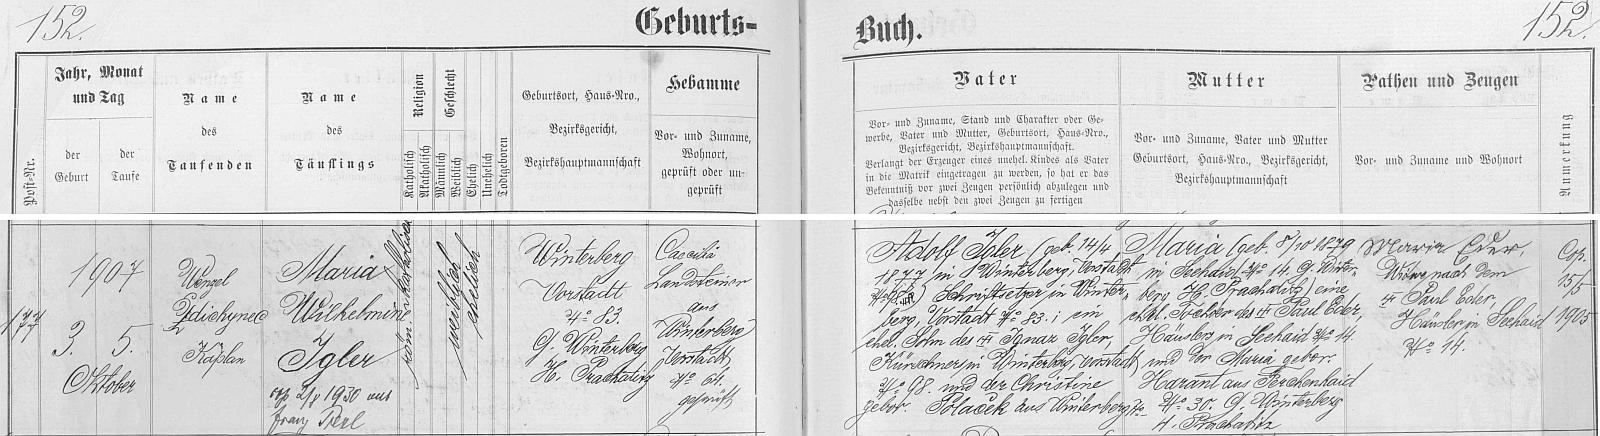 Záznam vimperské křestní matriky o narození jeho ženy